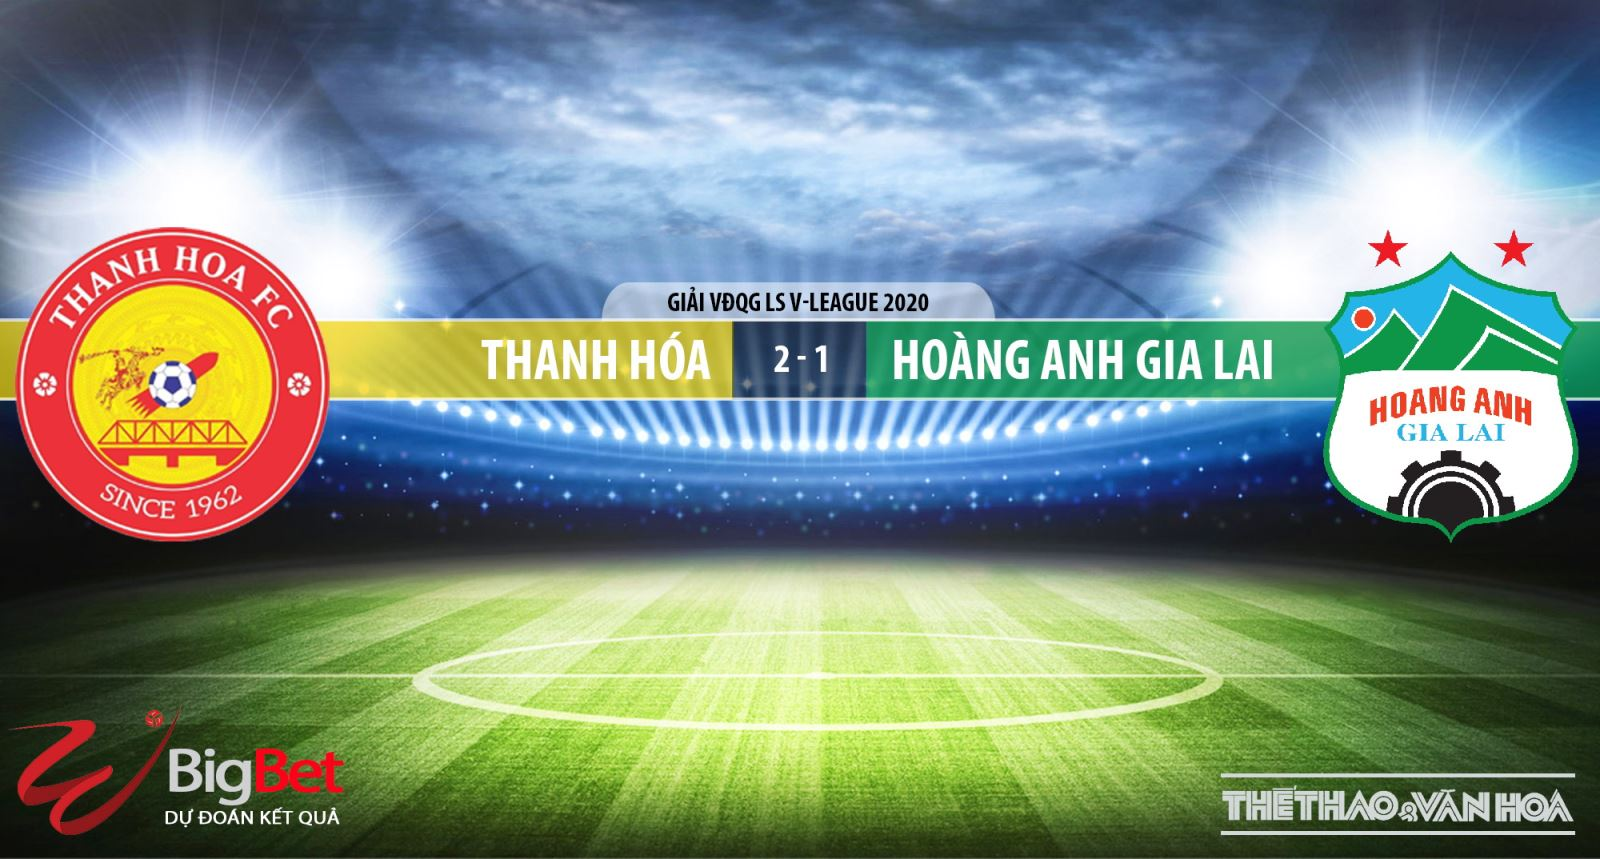 Thanh Hoá đấu với HAGL, Thanh Hoá vs HAGL, soi kèo Thanh Hoá đấu với HAGL, kèo bóng đá, soi kèo, trực tiếp Thanh Hoá đấu với HAGL, HAGL, Thanh Hoá